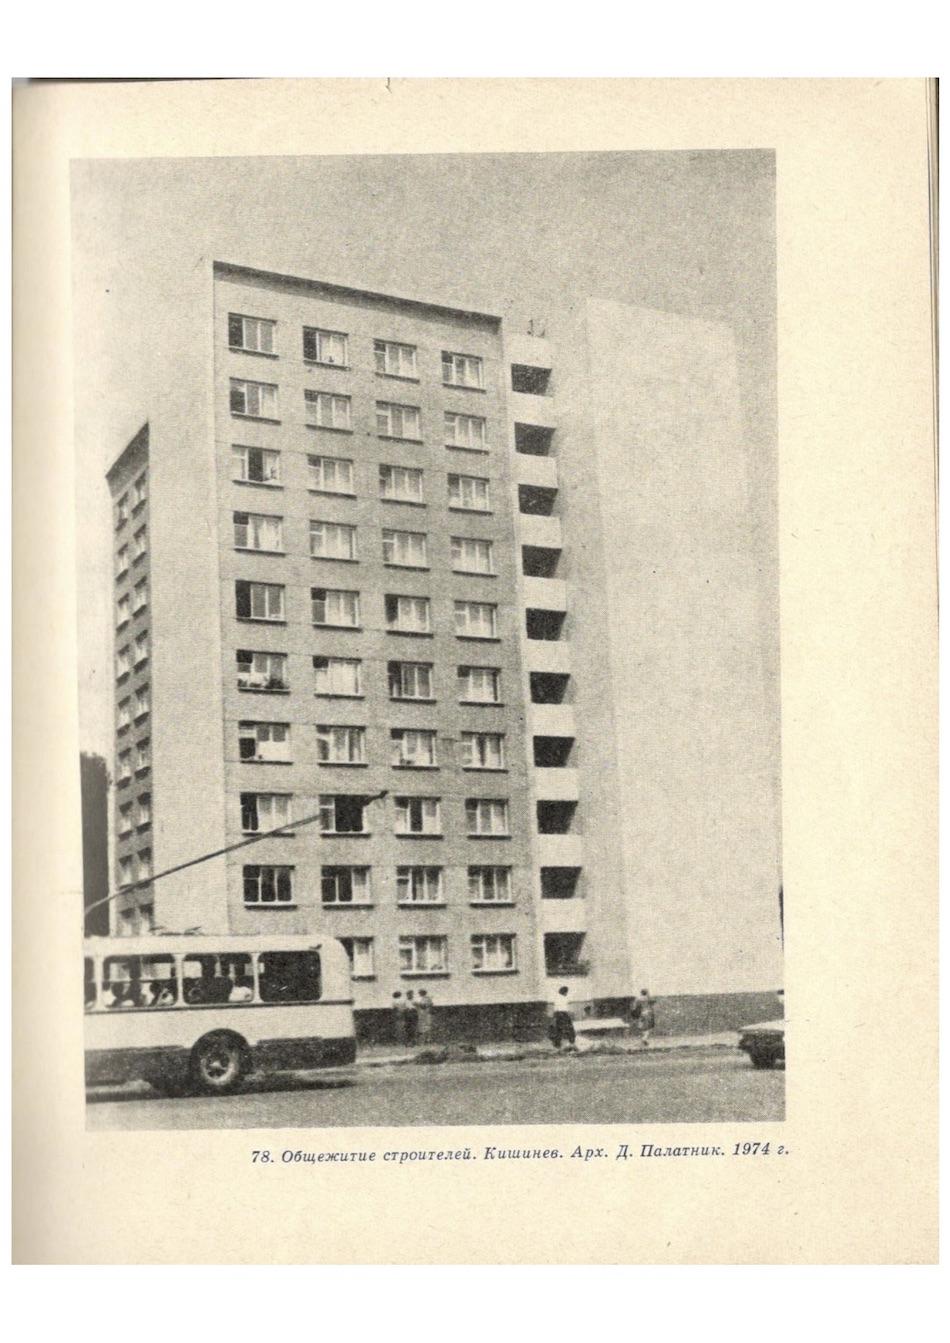 67-Градостроительство-Молдавии-В-Ф-Смирнов